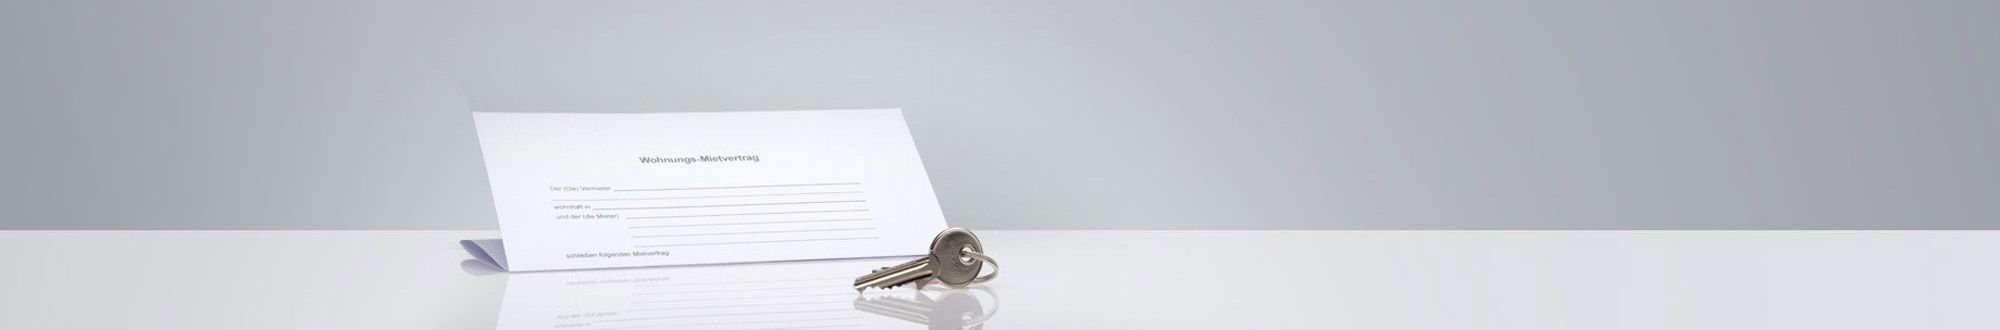 Mietvertrag und Schlüssel auf grauem Grund